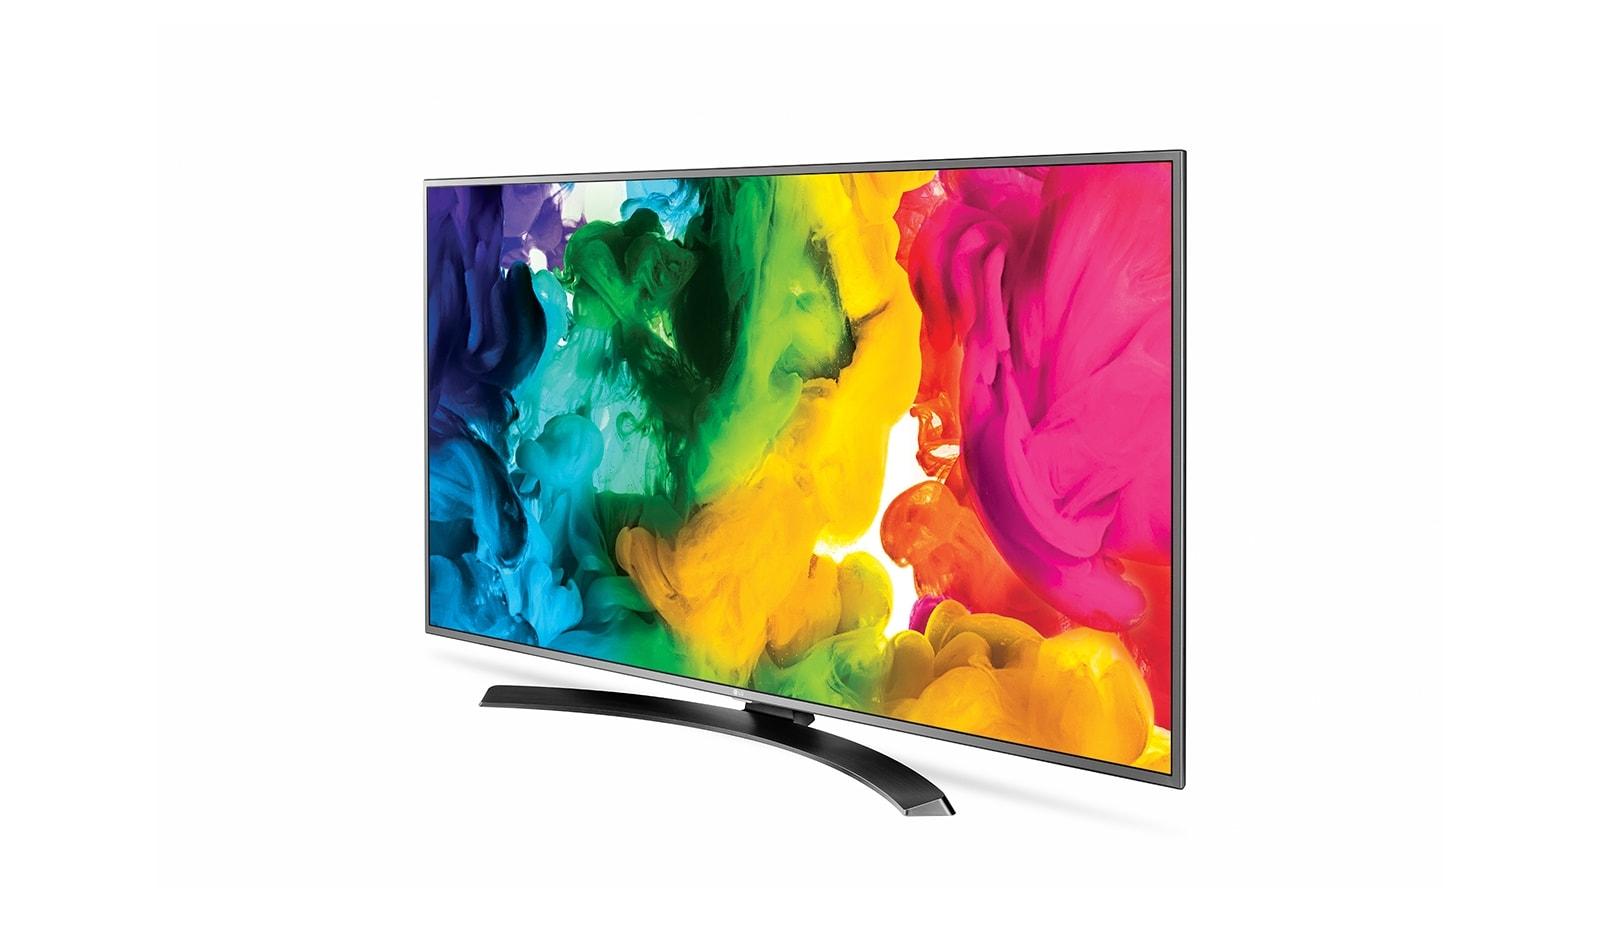 LG 65UH7650: 65-inch Super UHD 4K HDR Smart LED TV | LG CANADA